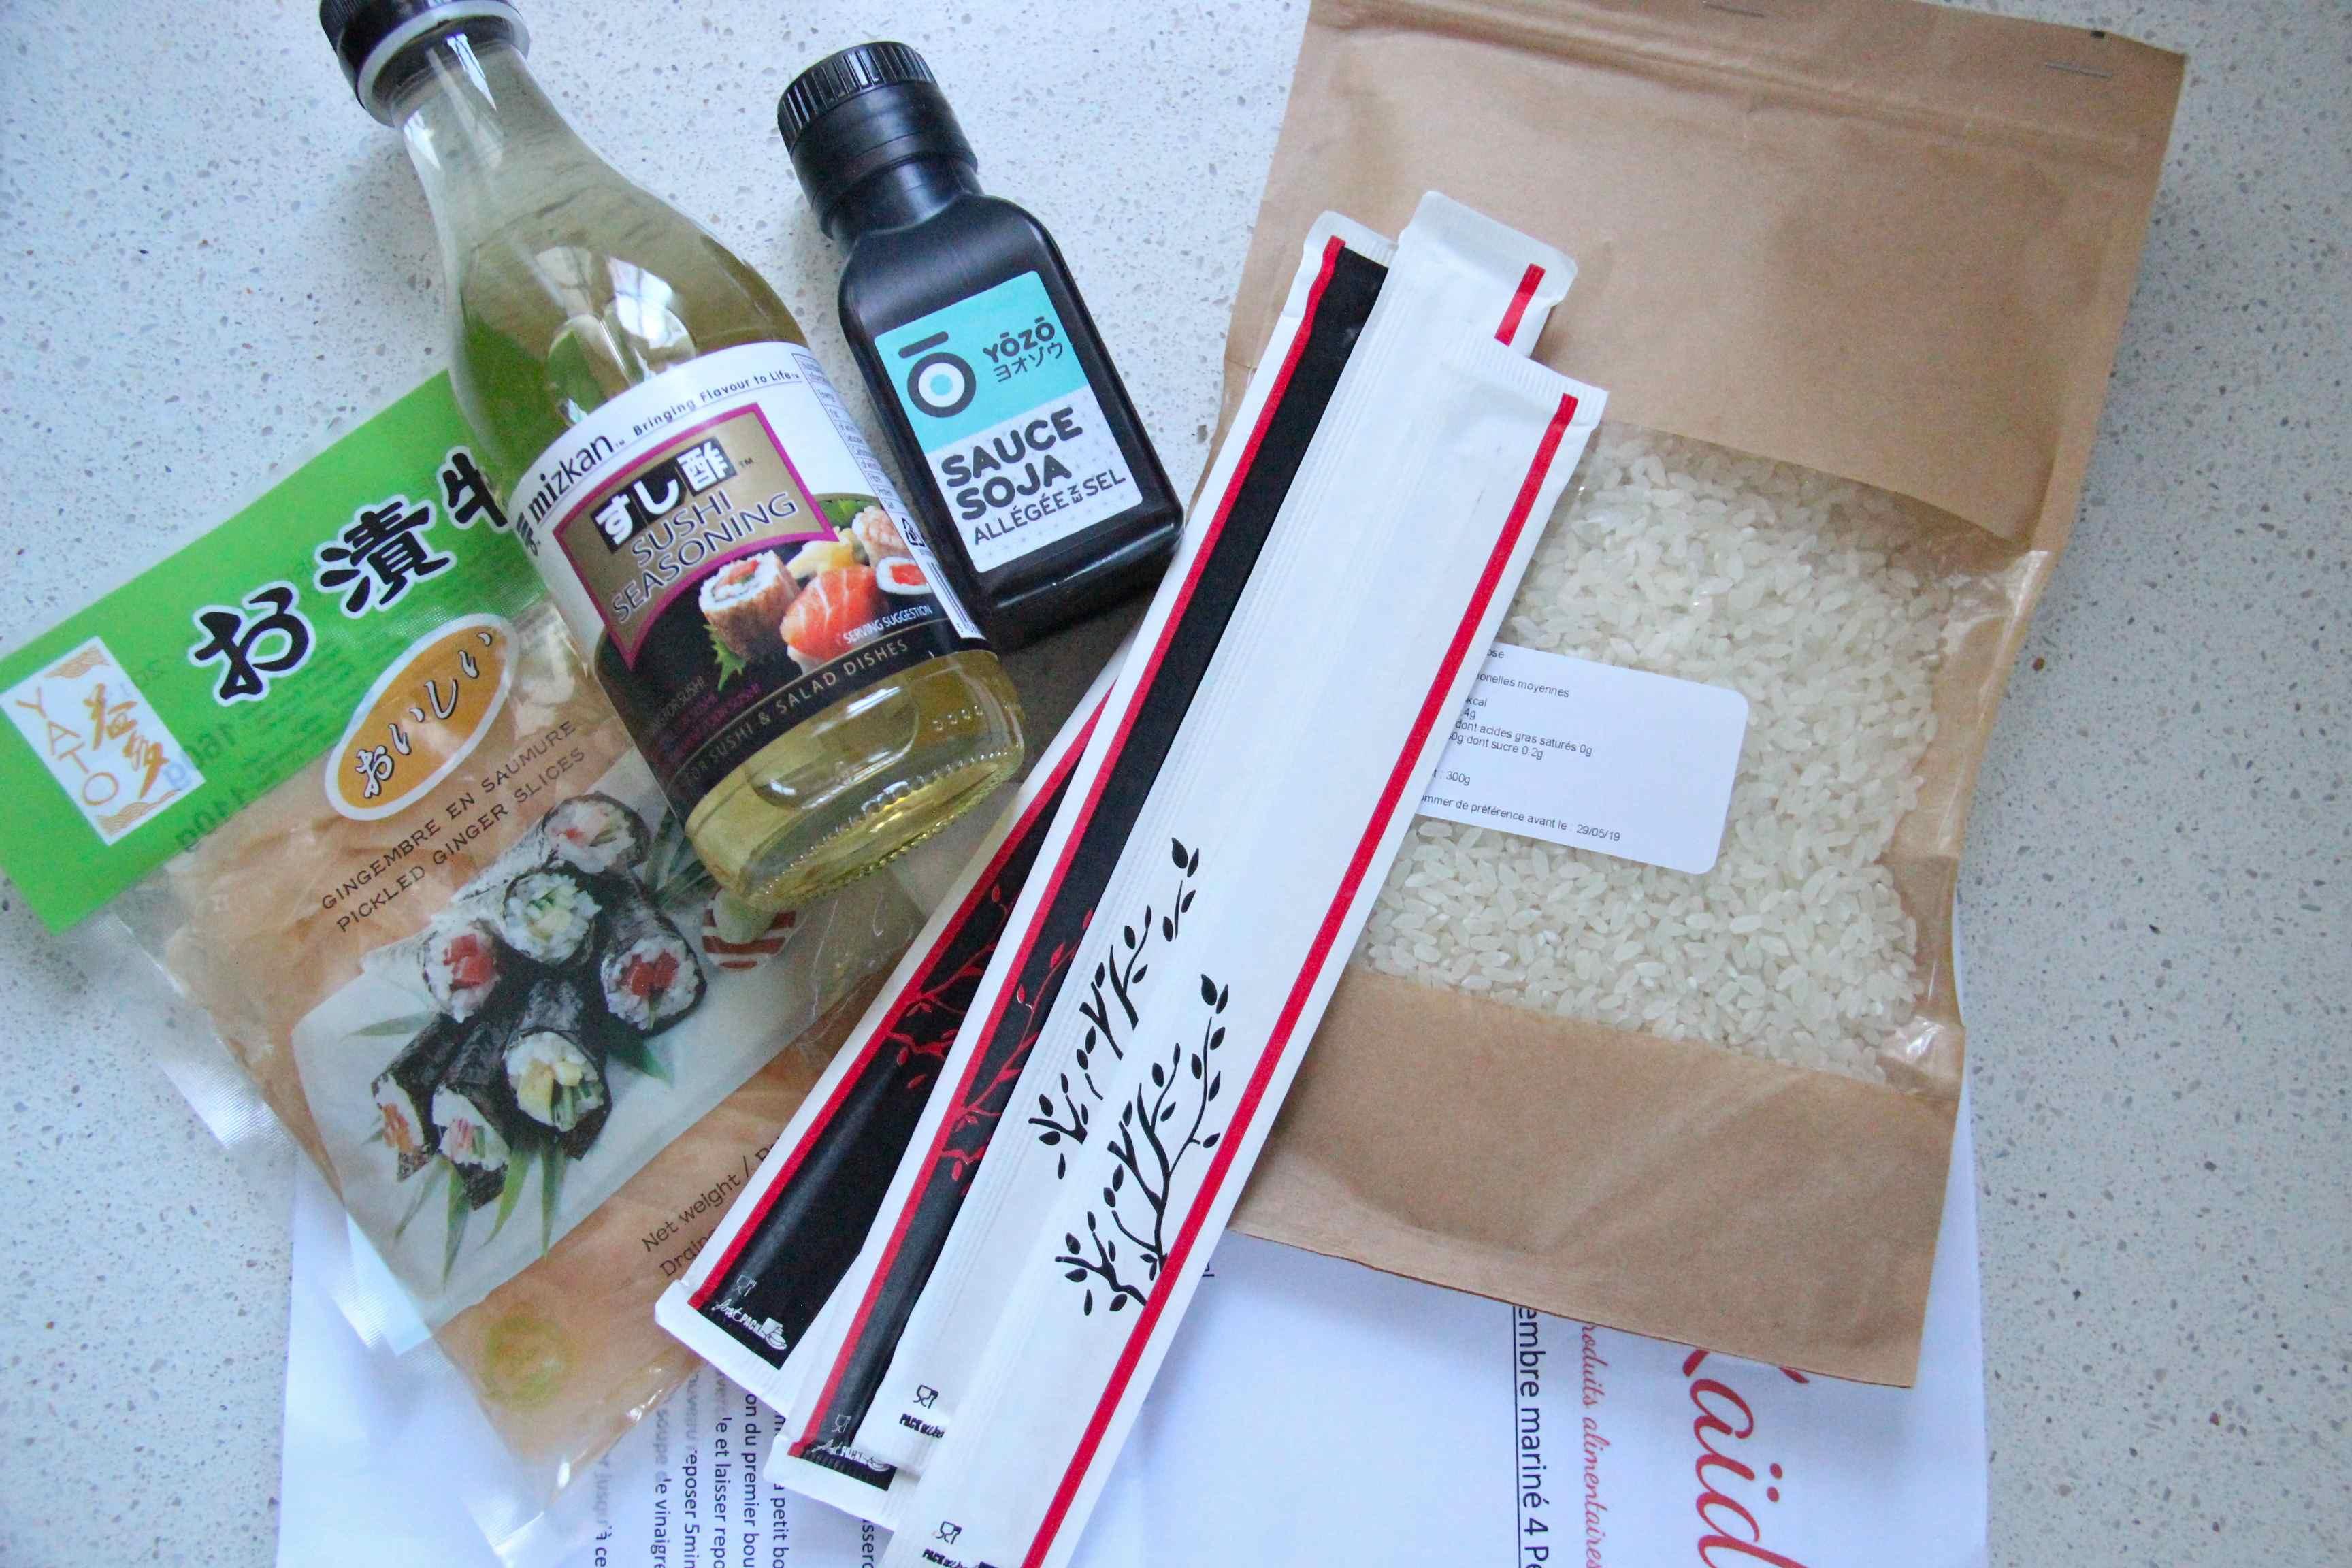 Box sushi kaiduk